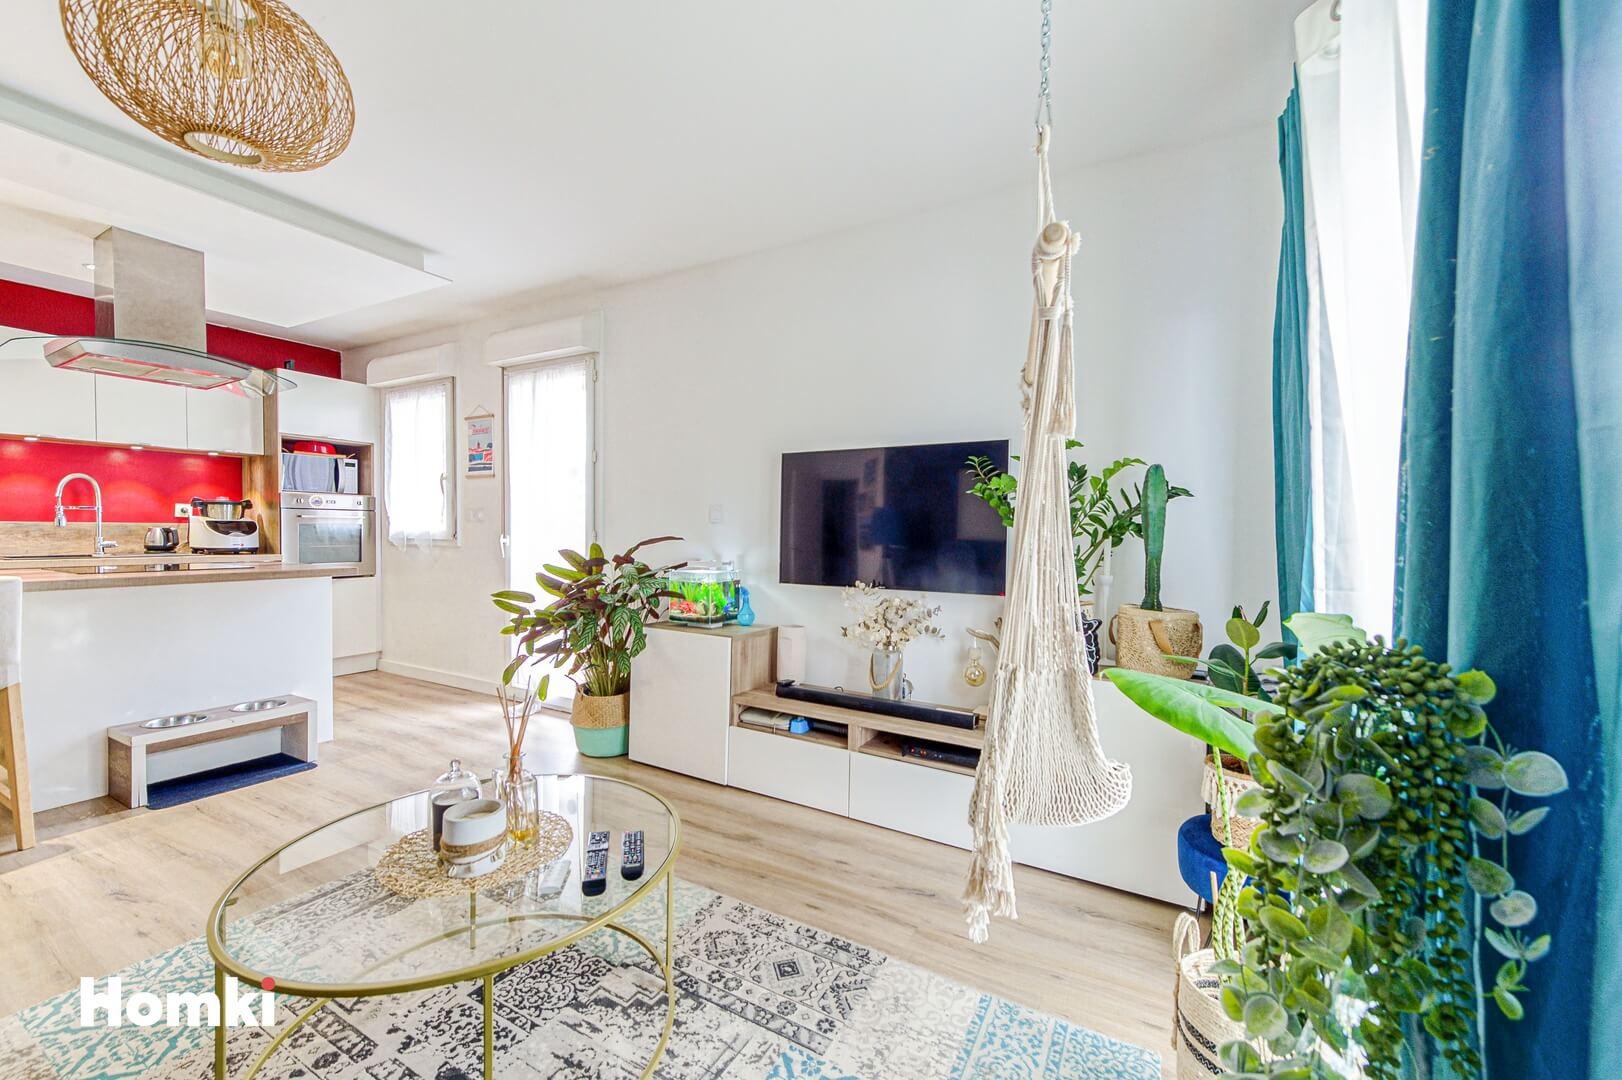 Homki - Vente Appartement  de 59.0 m² à Tournefeuille 31170